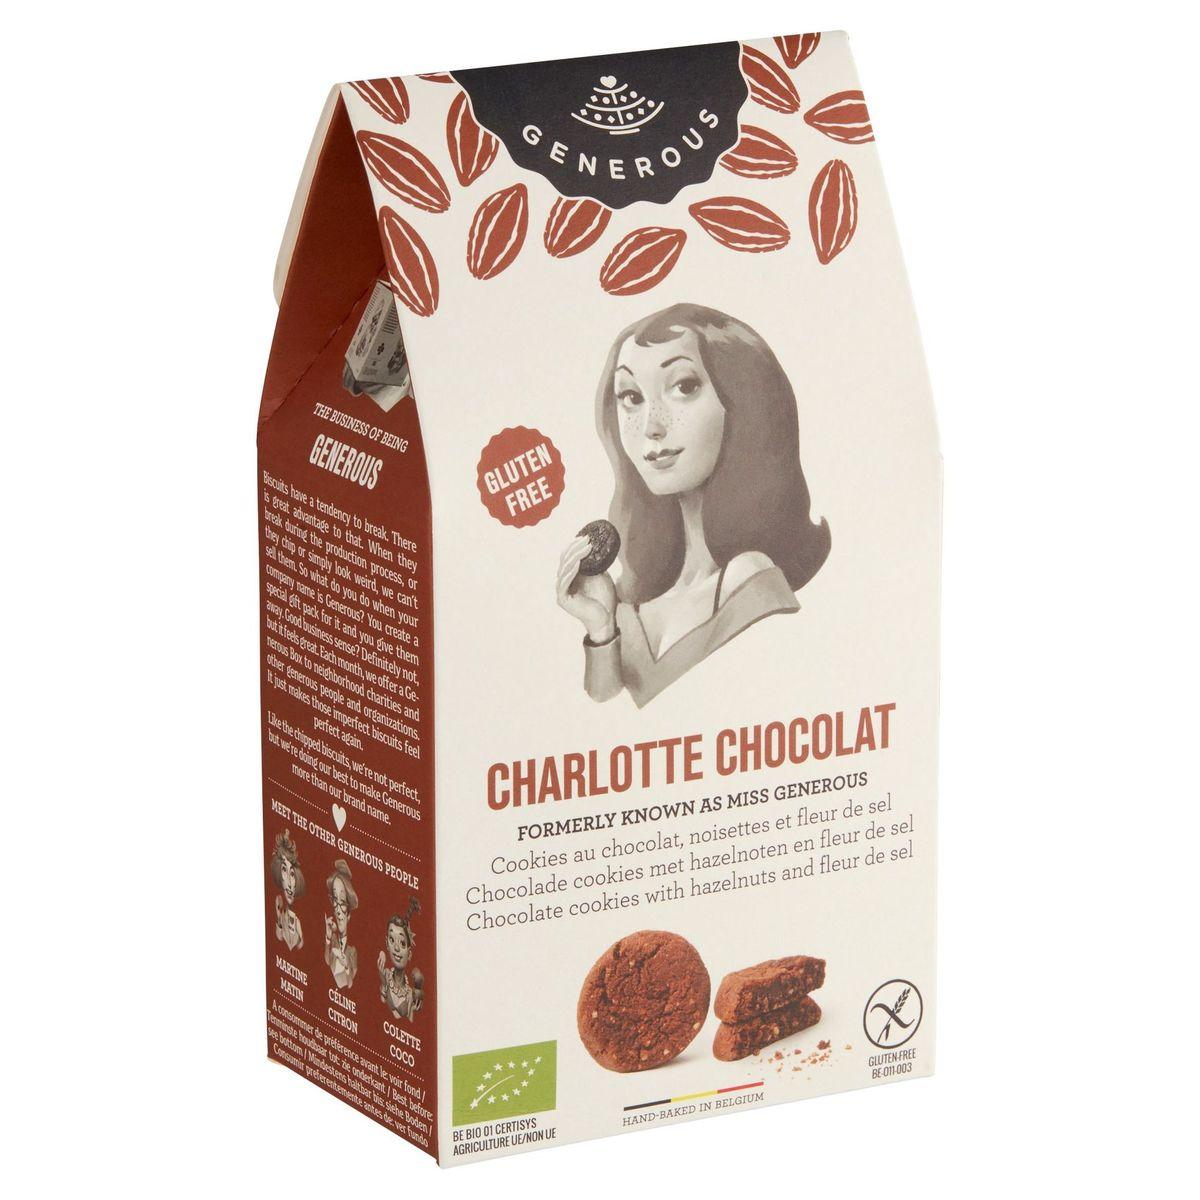 Generous Charlotte Cookies au Chocolat, Noisettes et Fleur de Sel 120g